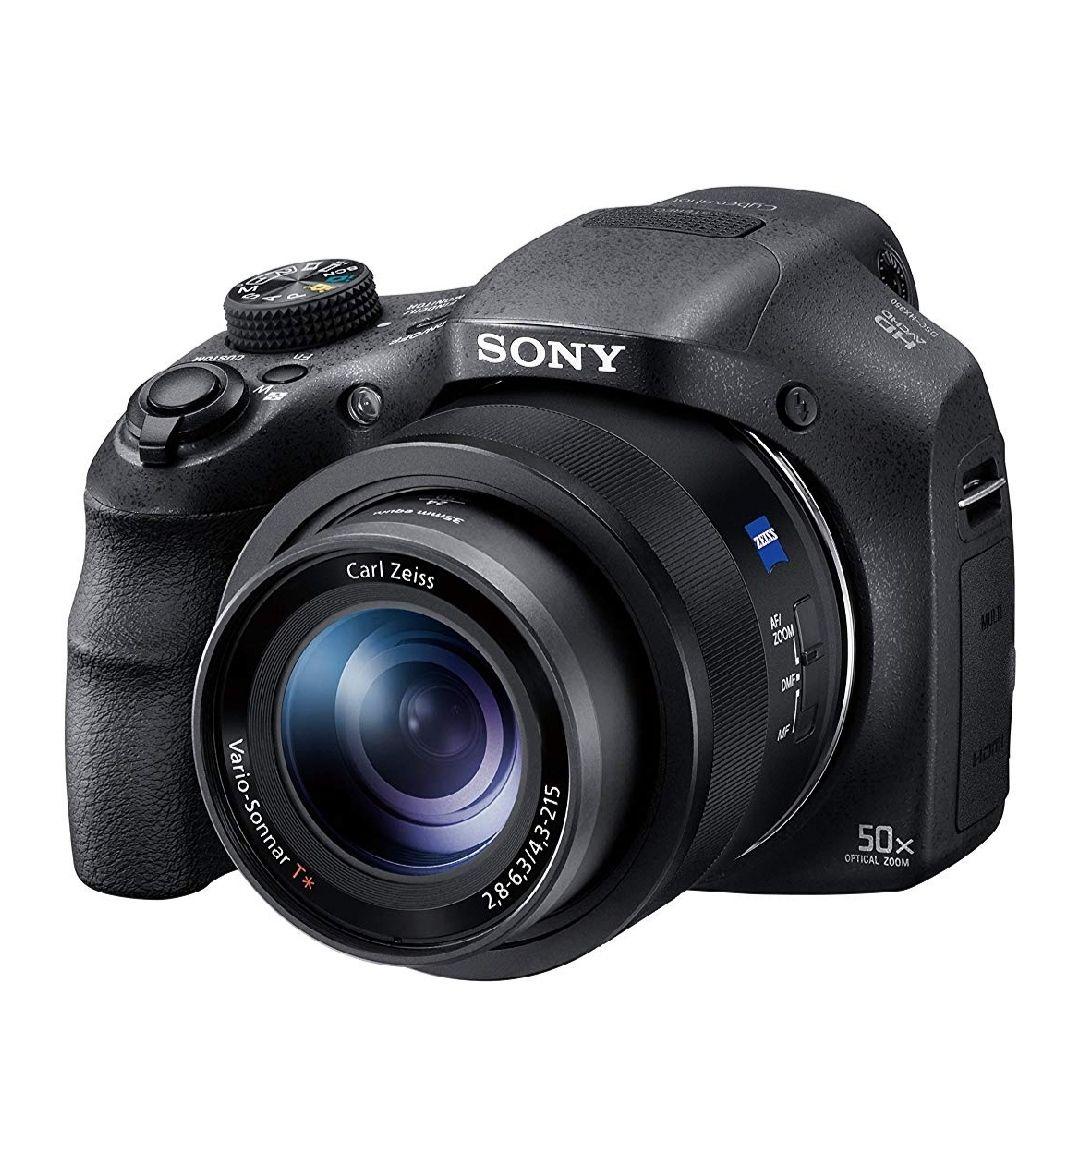 Sony DSC-HX350 - Cámara Bridge BionZ X de 20.4 MP y Zoom 50x